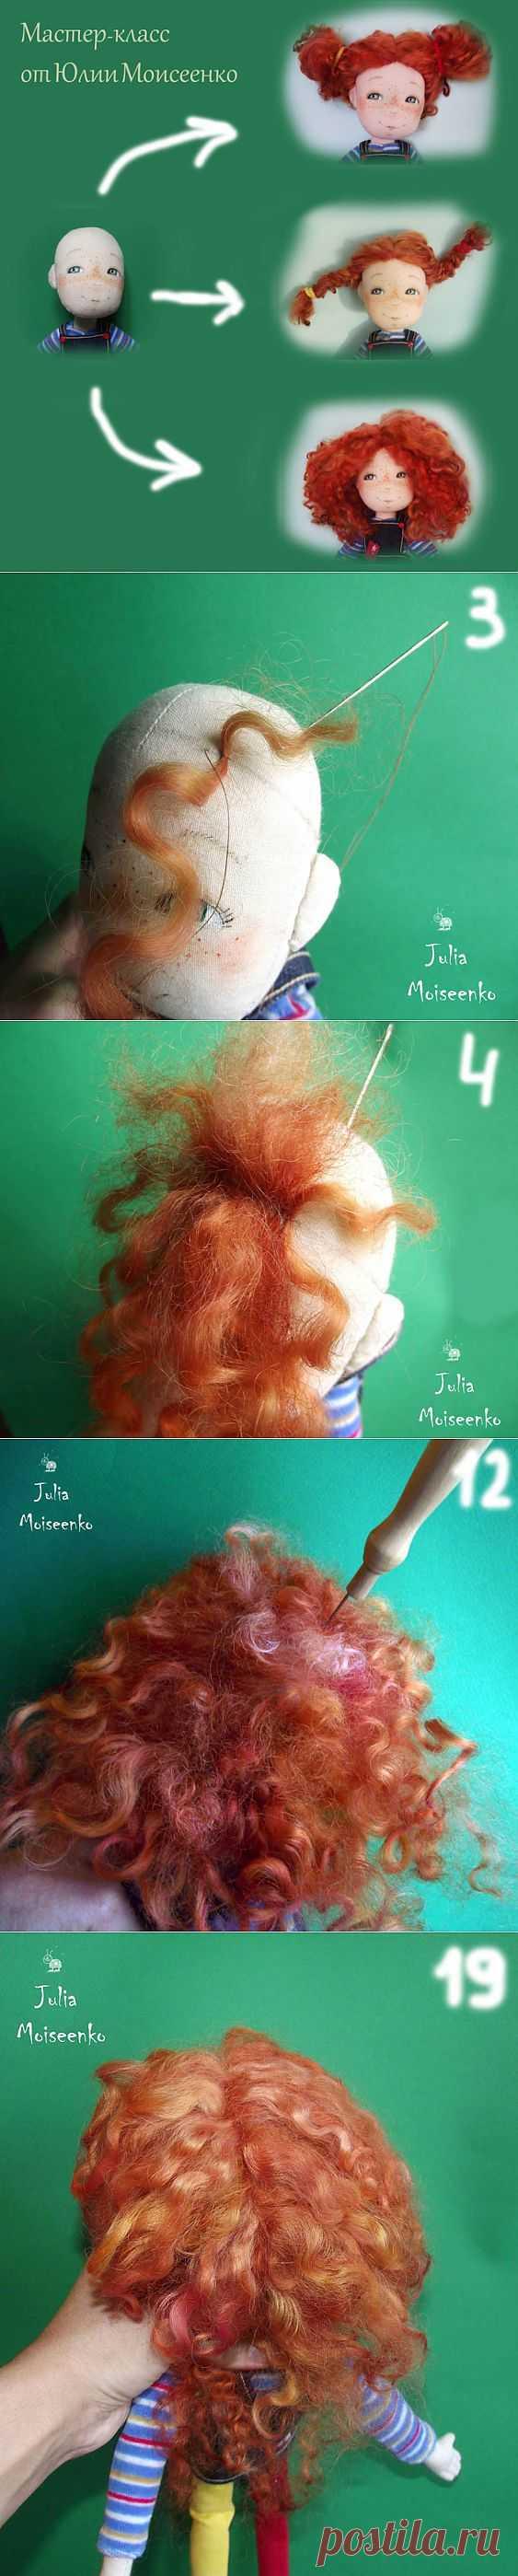 Волосы текстильной кукле из овечьих кудрей (МК).